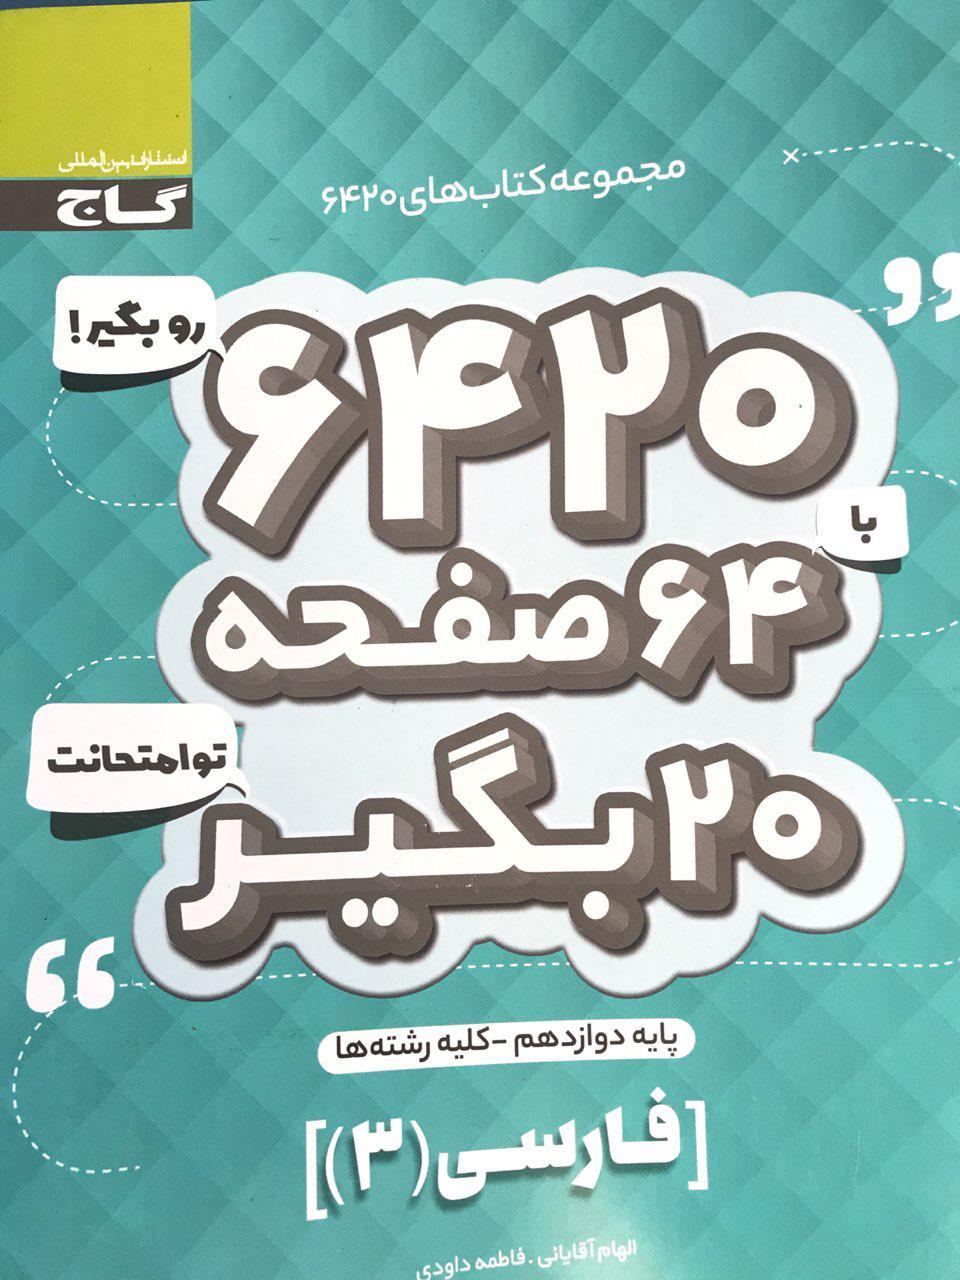 کتاب فارسی دوازدهم ۶۴۲۰